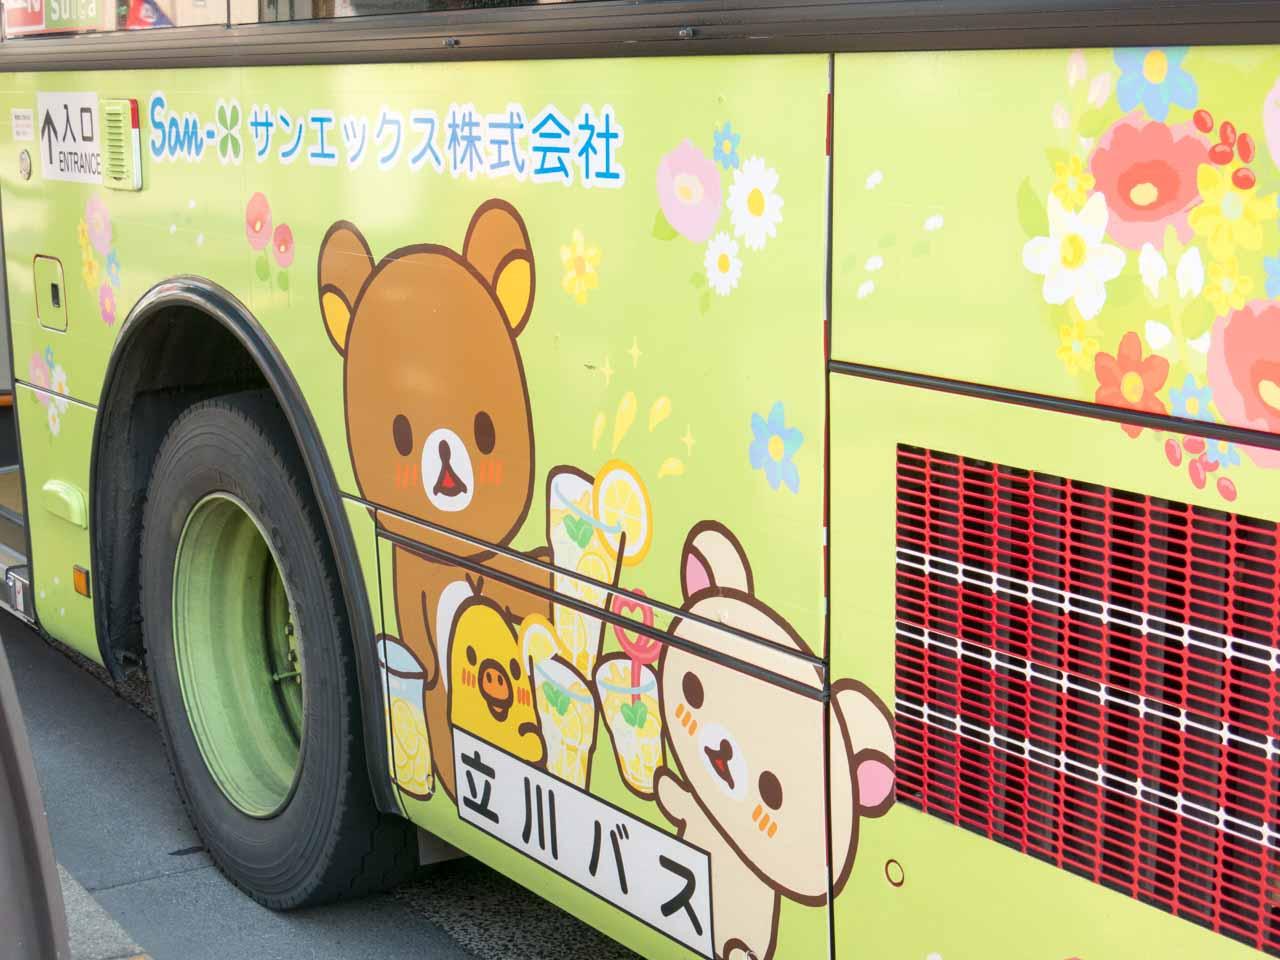 立川バス リラックマバス4号車_a0016730_17283595.jpg